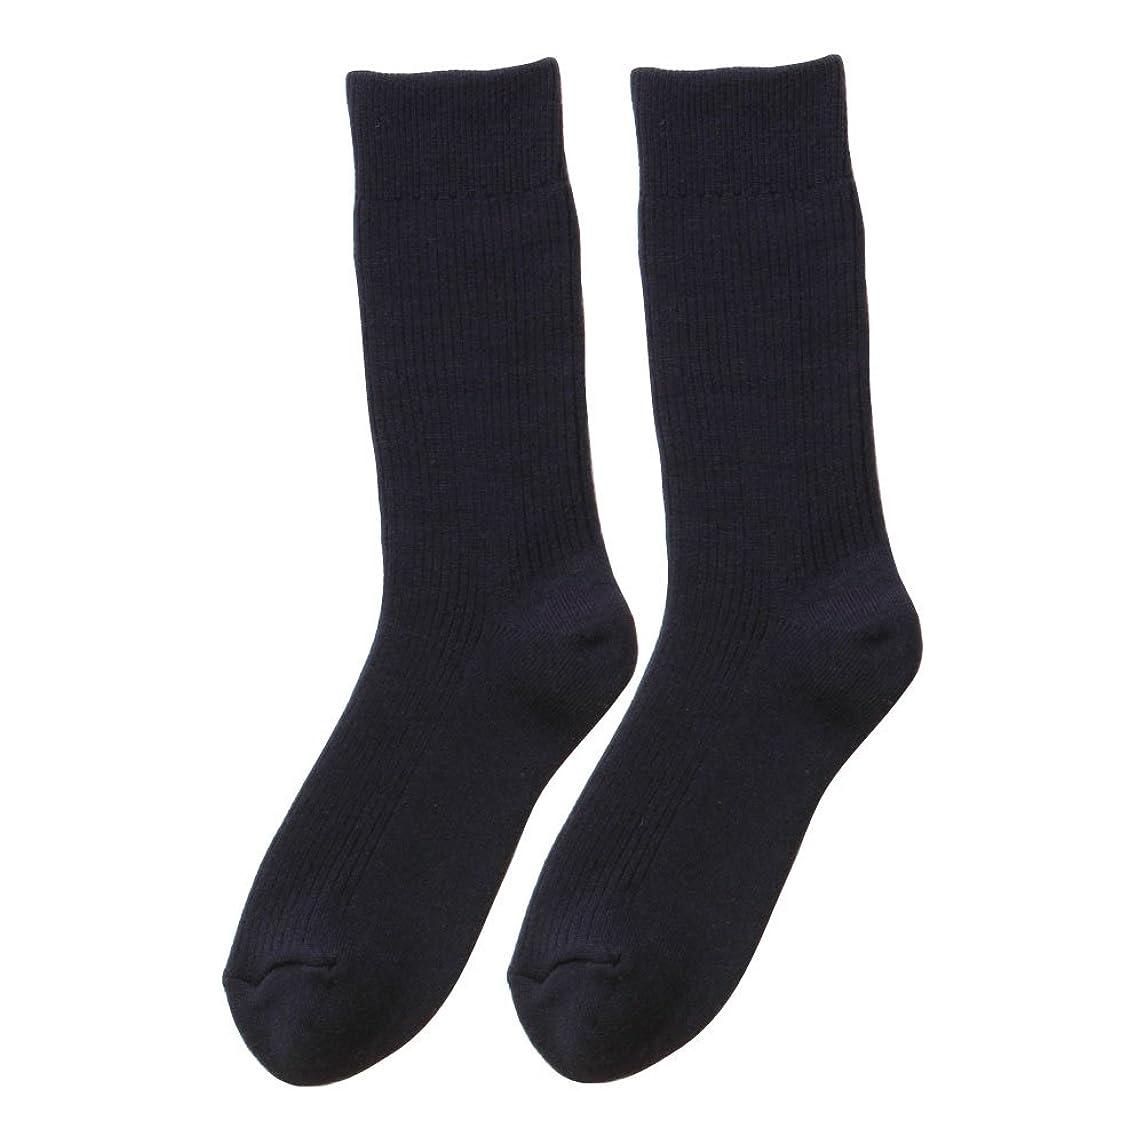 ニックネーム廃棄理想的にはひだまり ダブルソックス 紳士用 靴下[24~26cm] コン